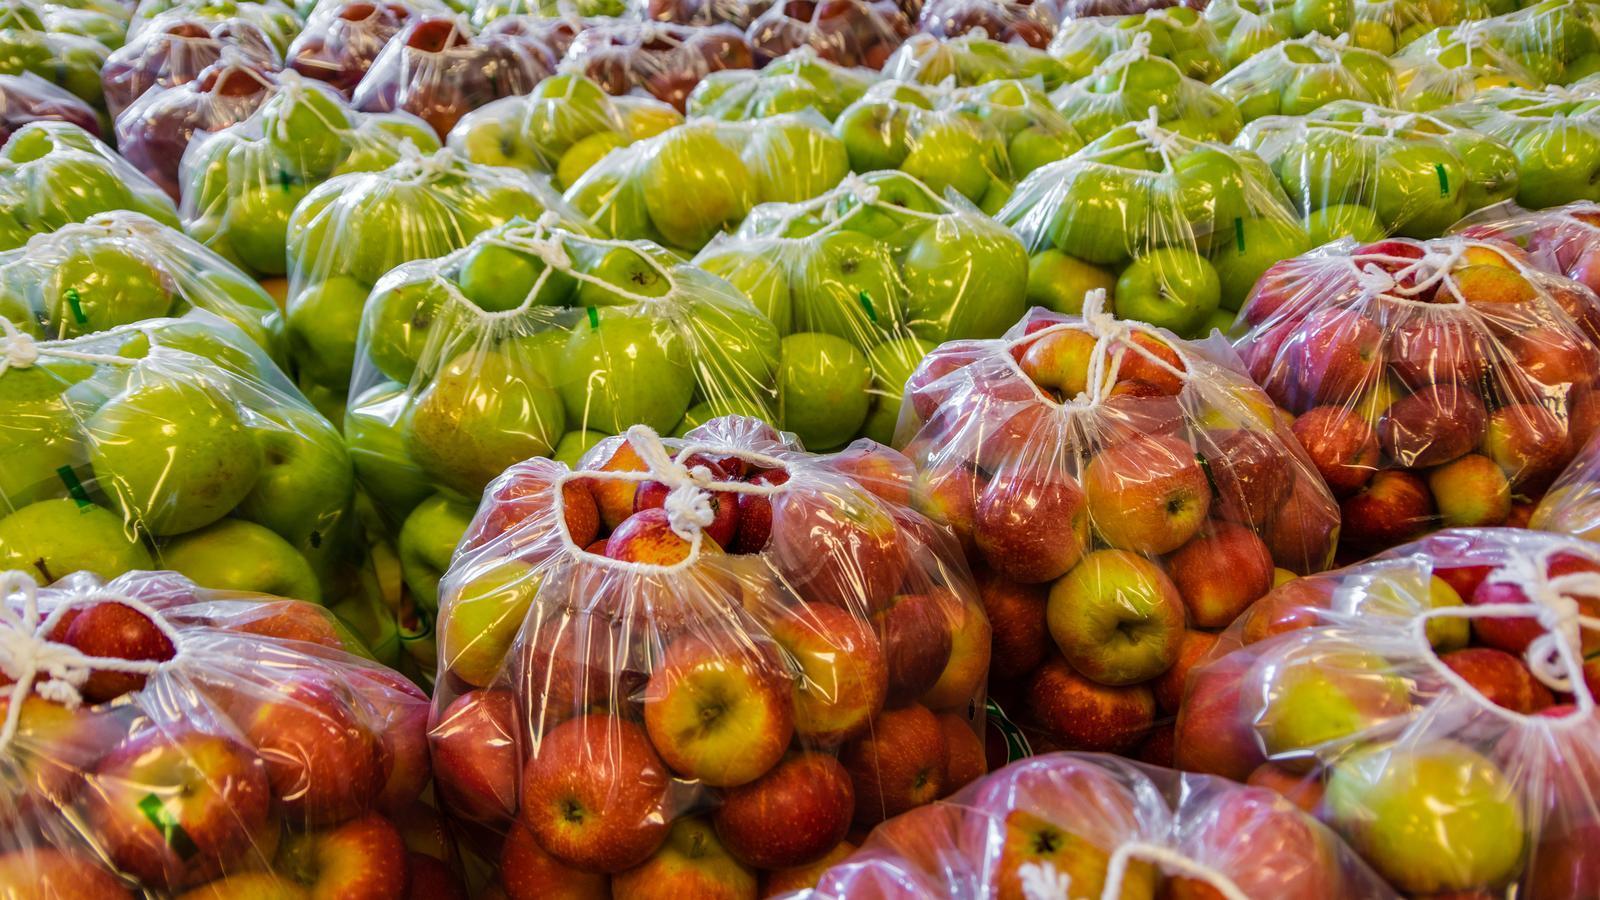 Milers de pomes embolicades en bosses de plàstic a punt per a la seva distribució / GETTY